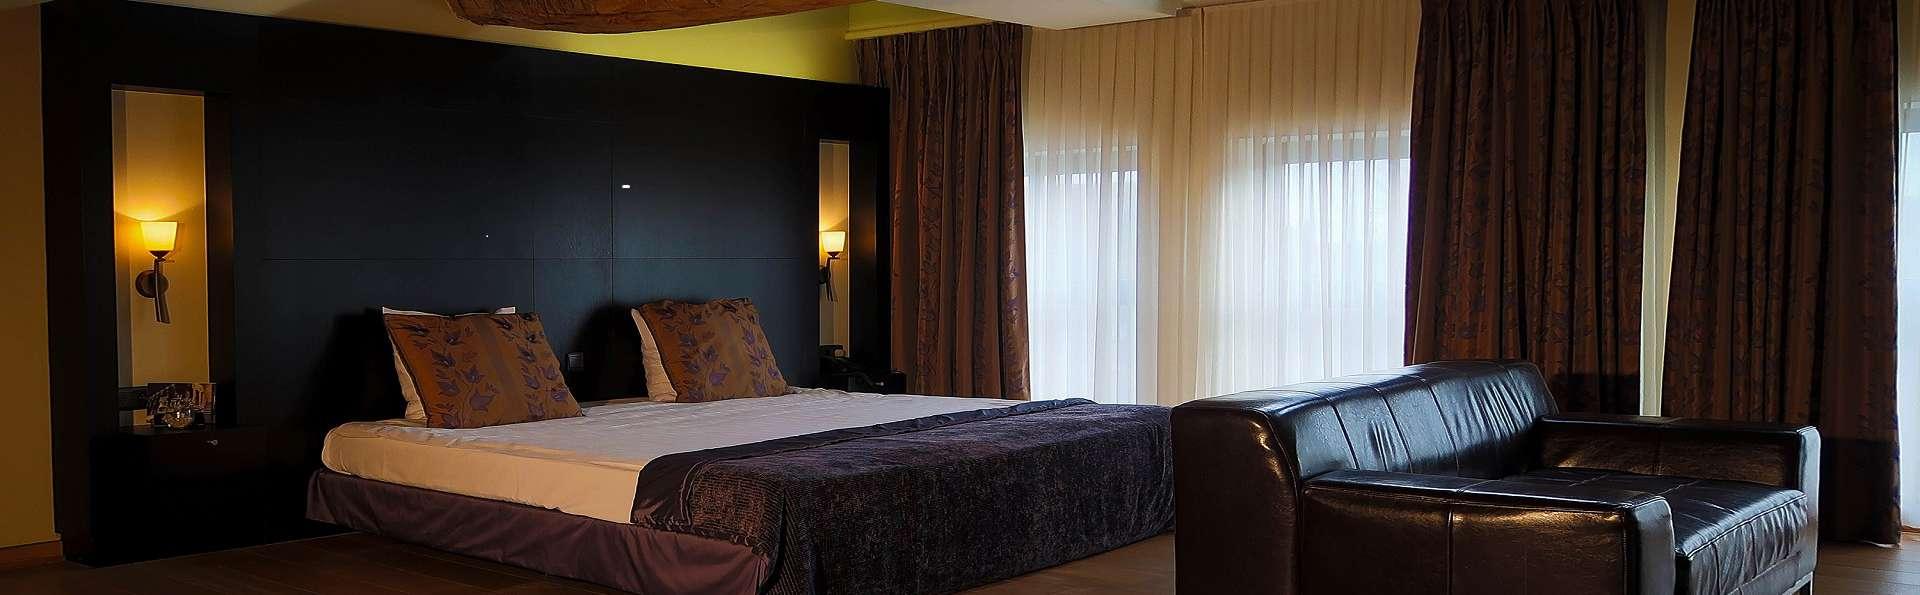 Van Eyck Hotel  - Suites_1.jpg